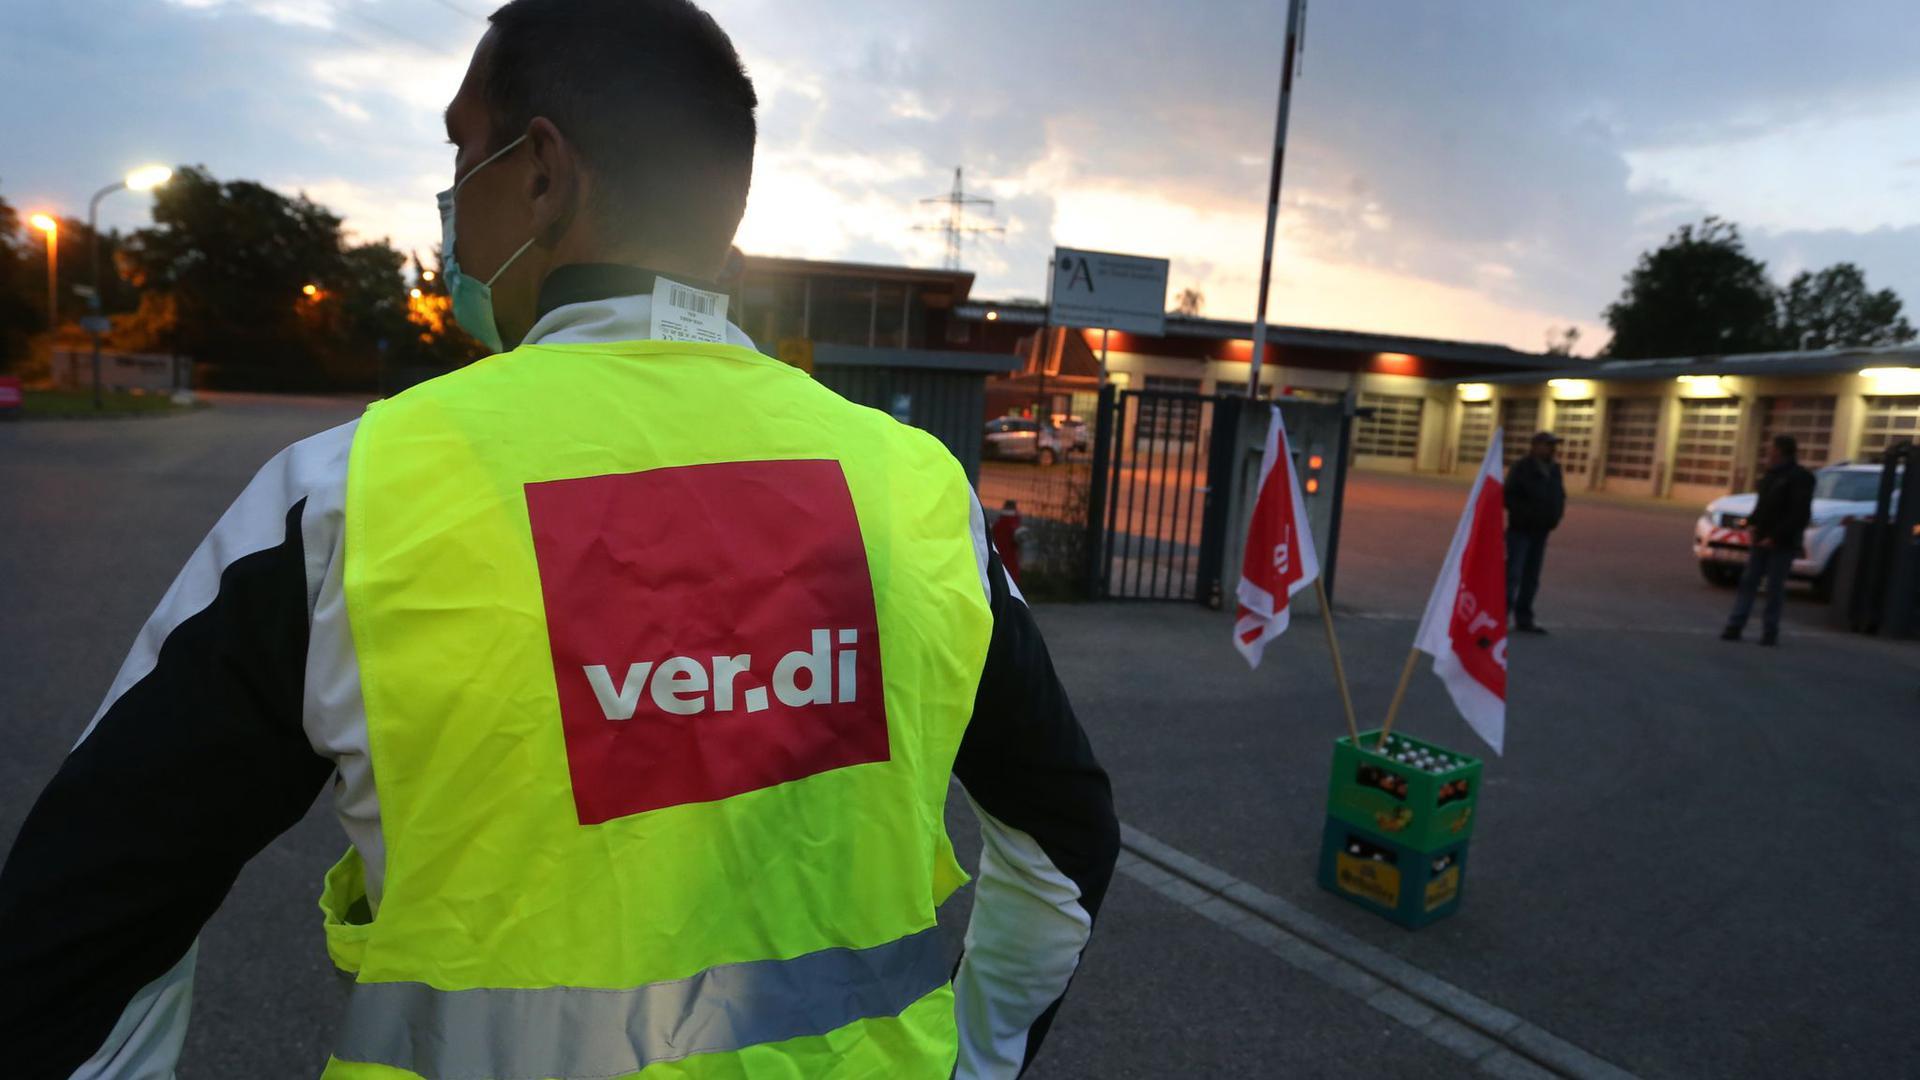 Im öffentlichen Dienst brodelt es. Laut Verdi-Chef werden sich die Warnstreiks in Kommunen ausdehnen.